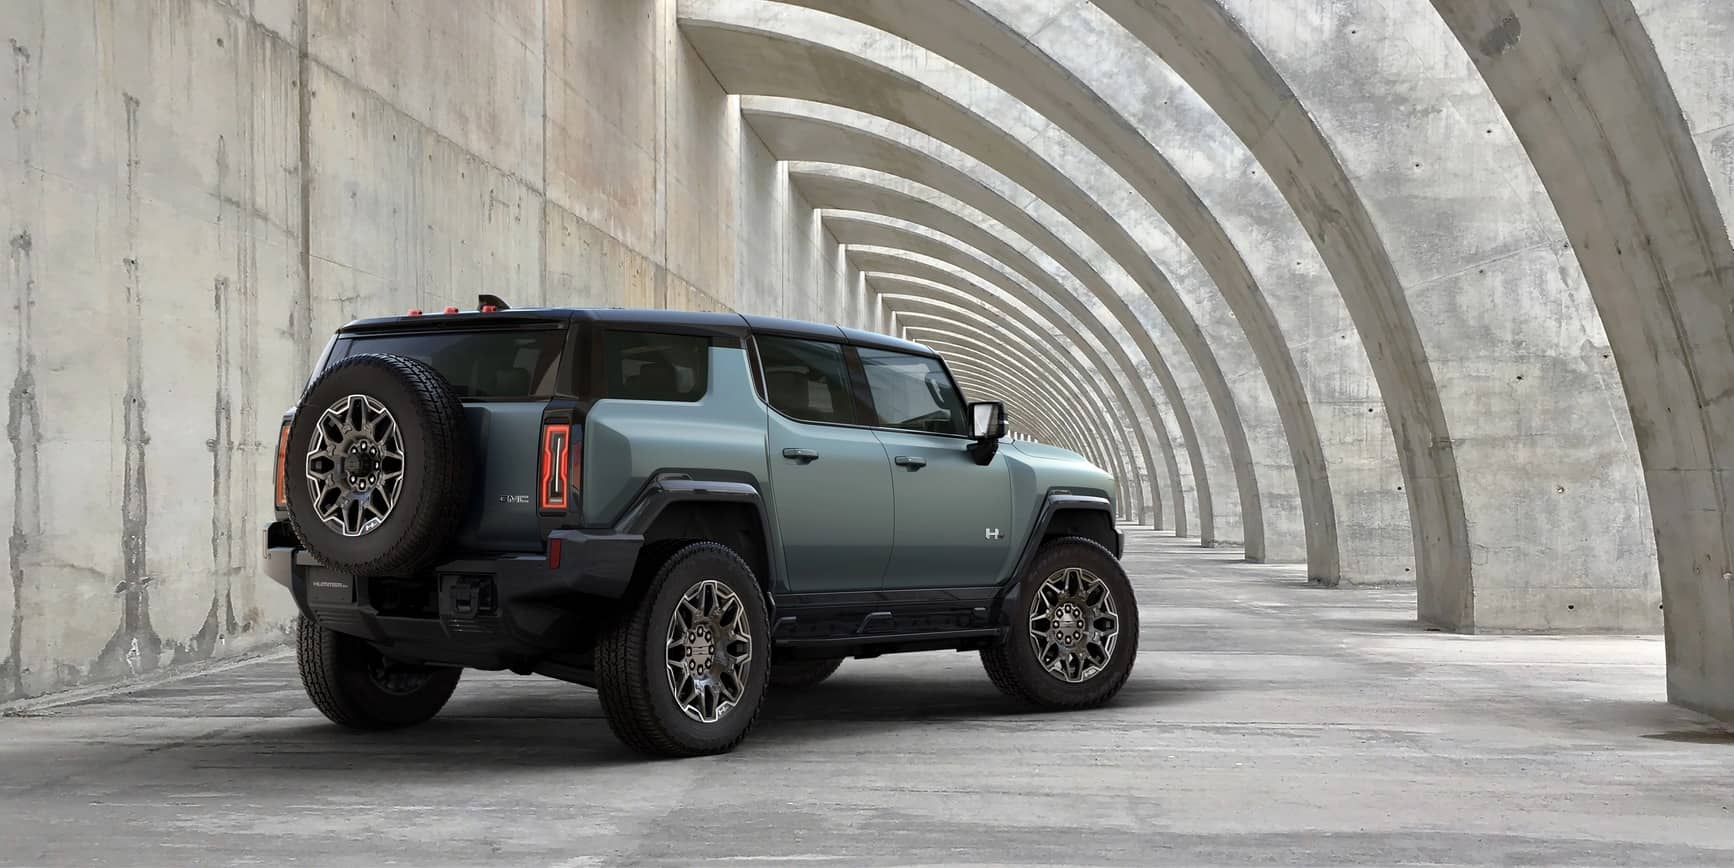 GMC unveils electric Hummer SUV, an 830-horsepower monster